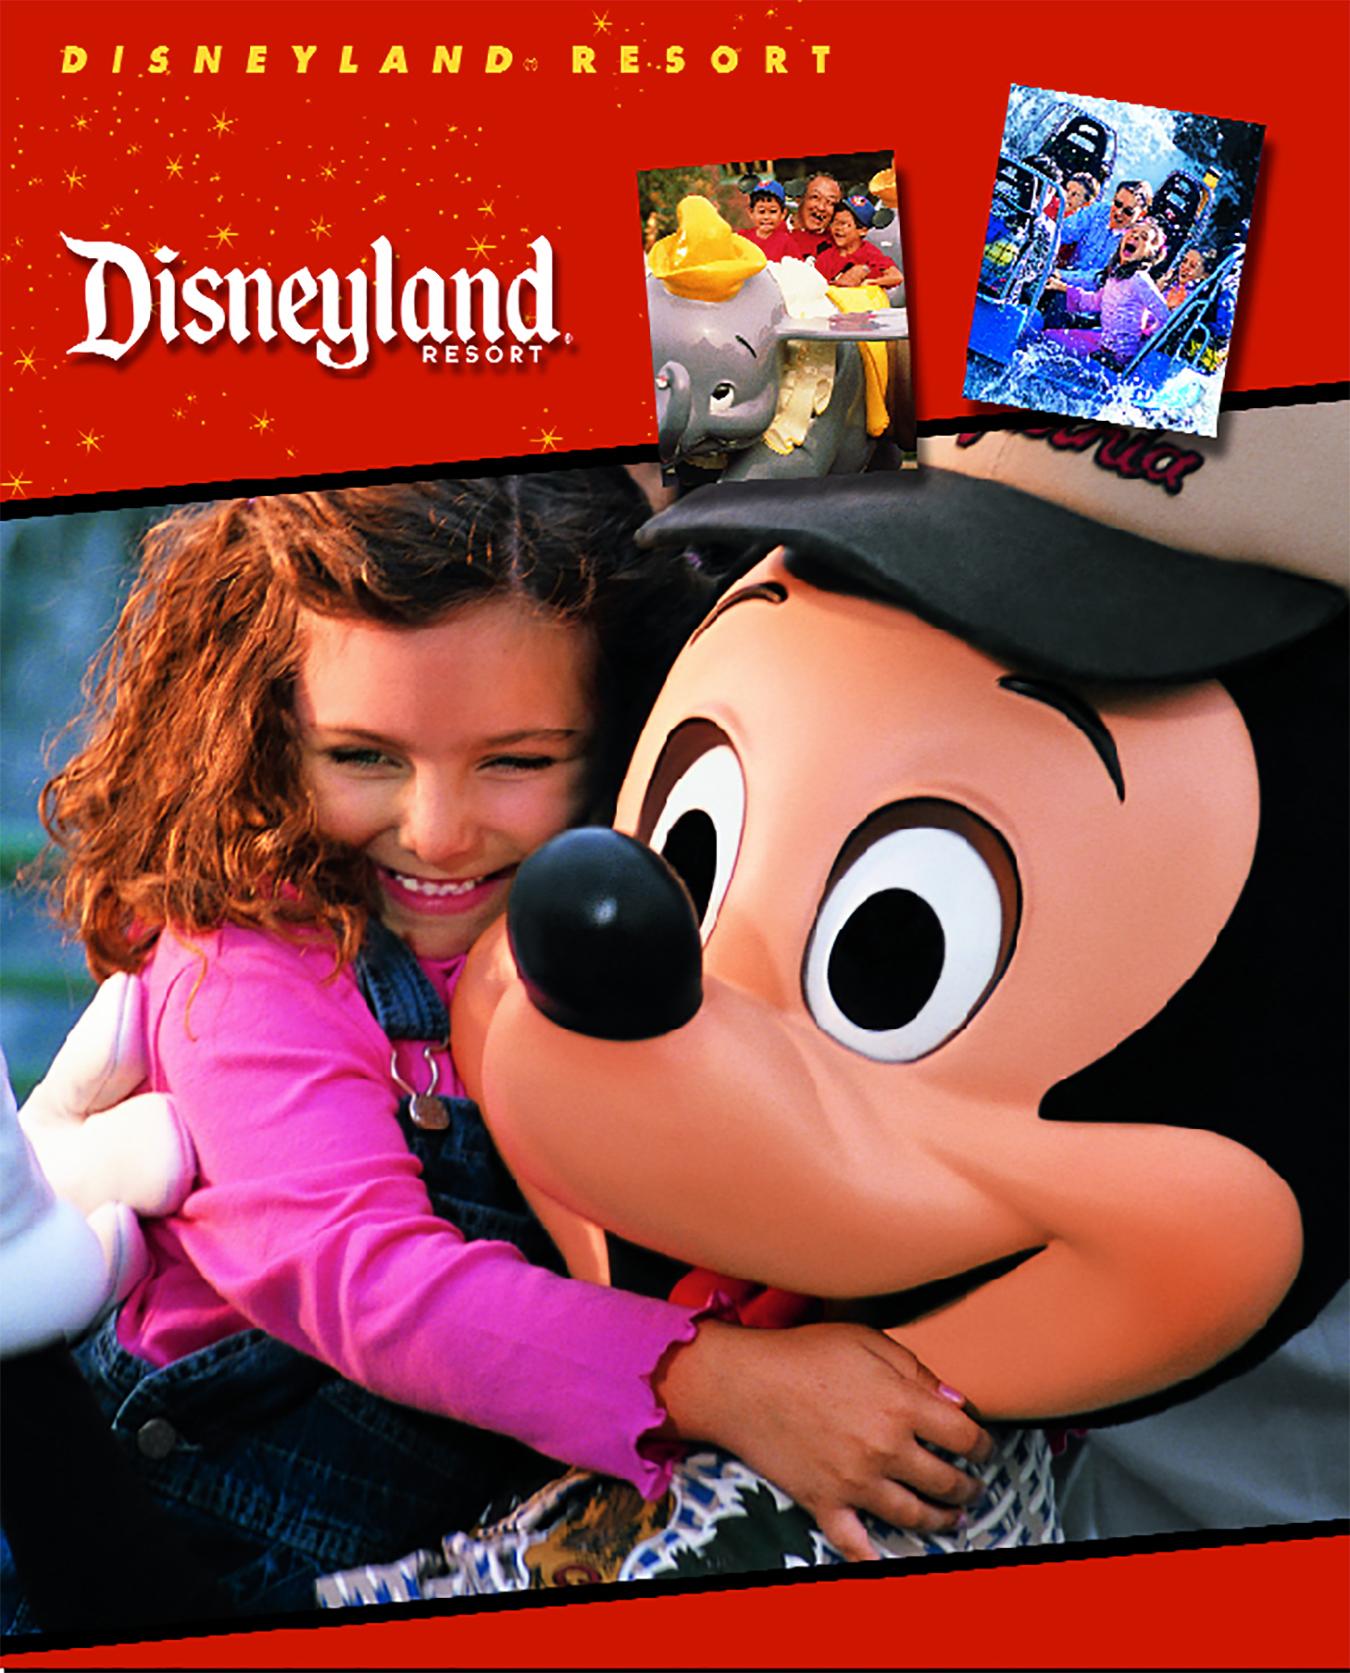 Disney_TIRG_Screen-slide.jpg